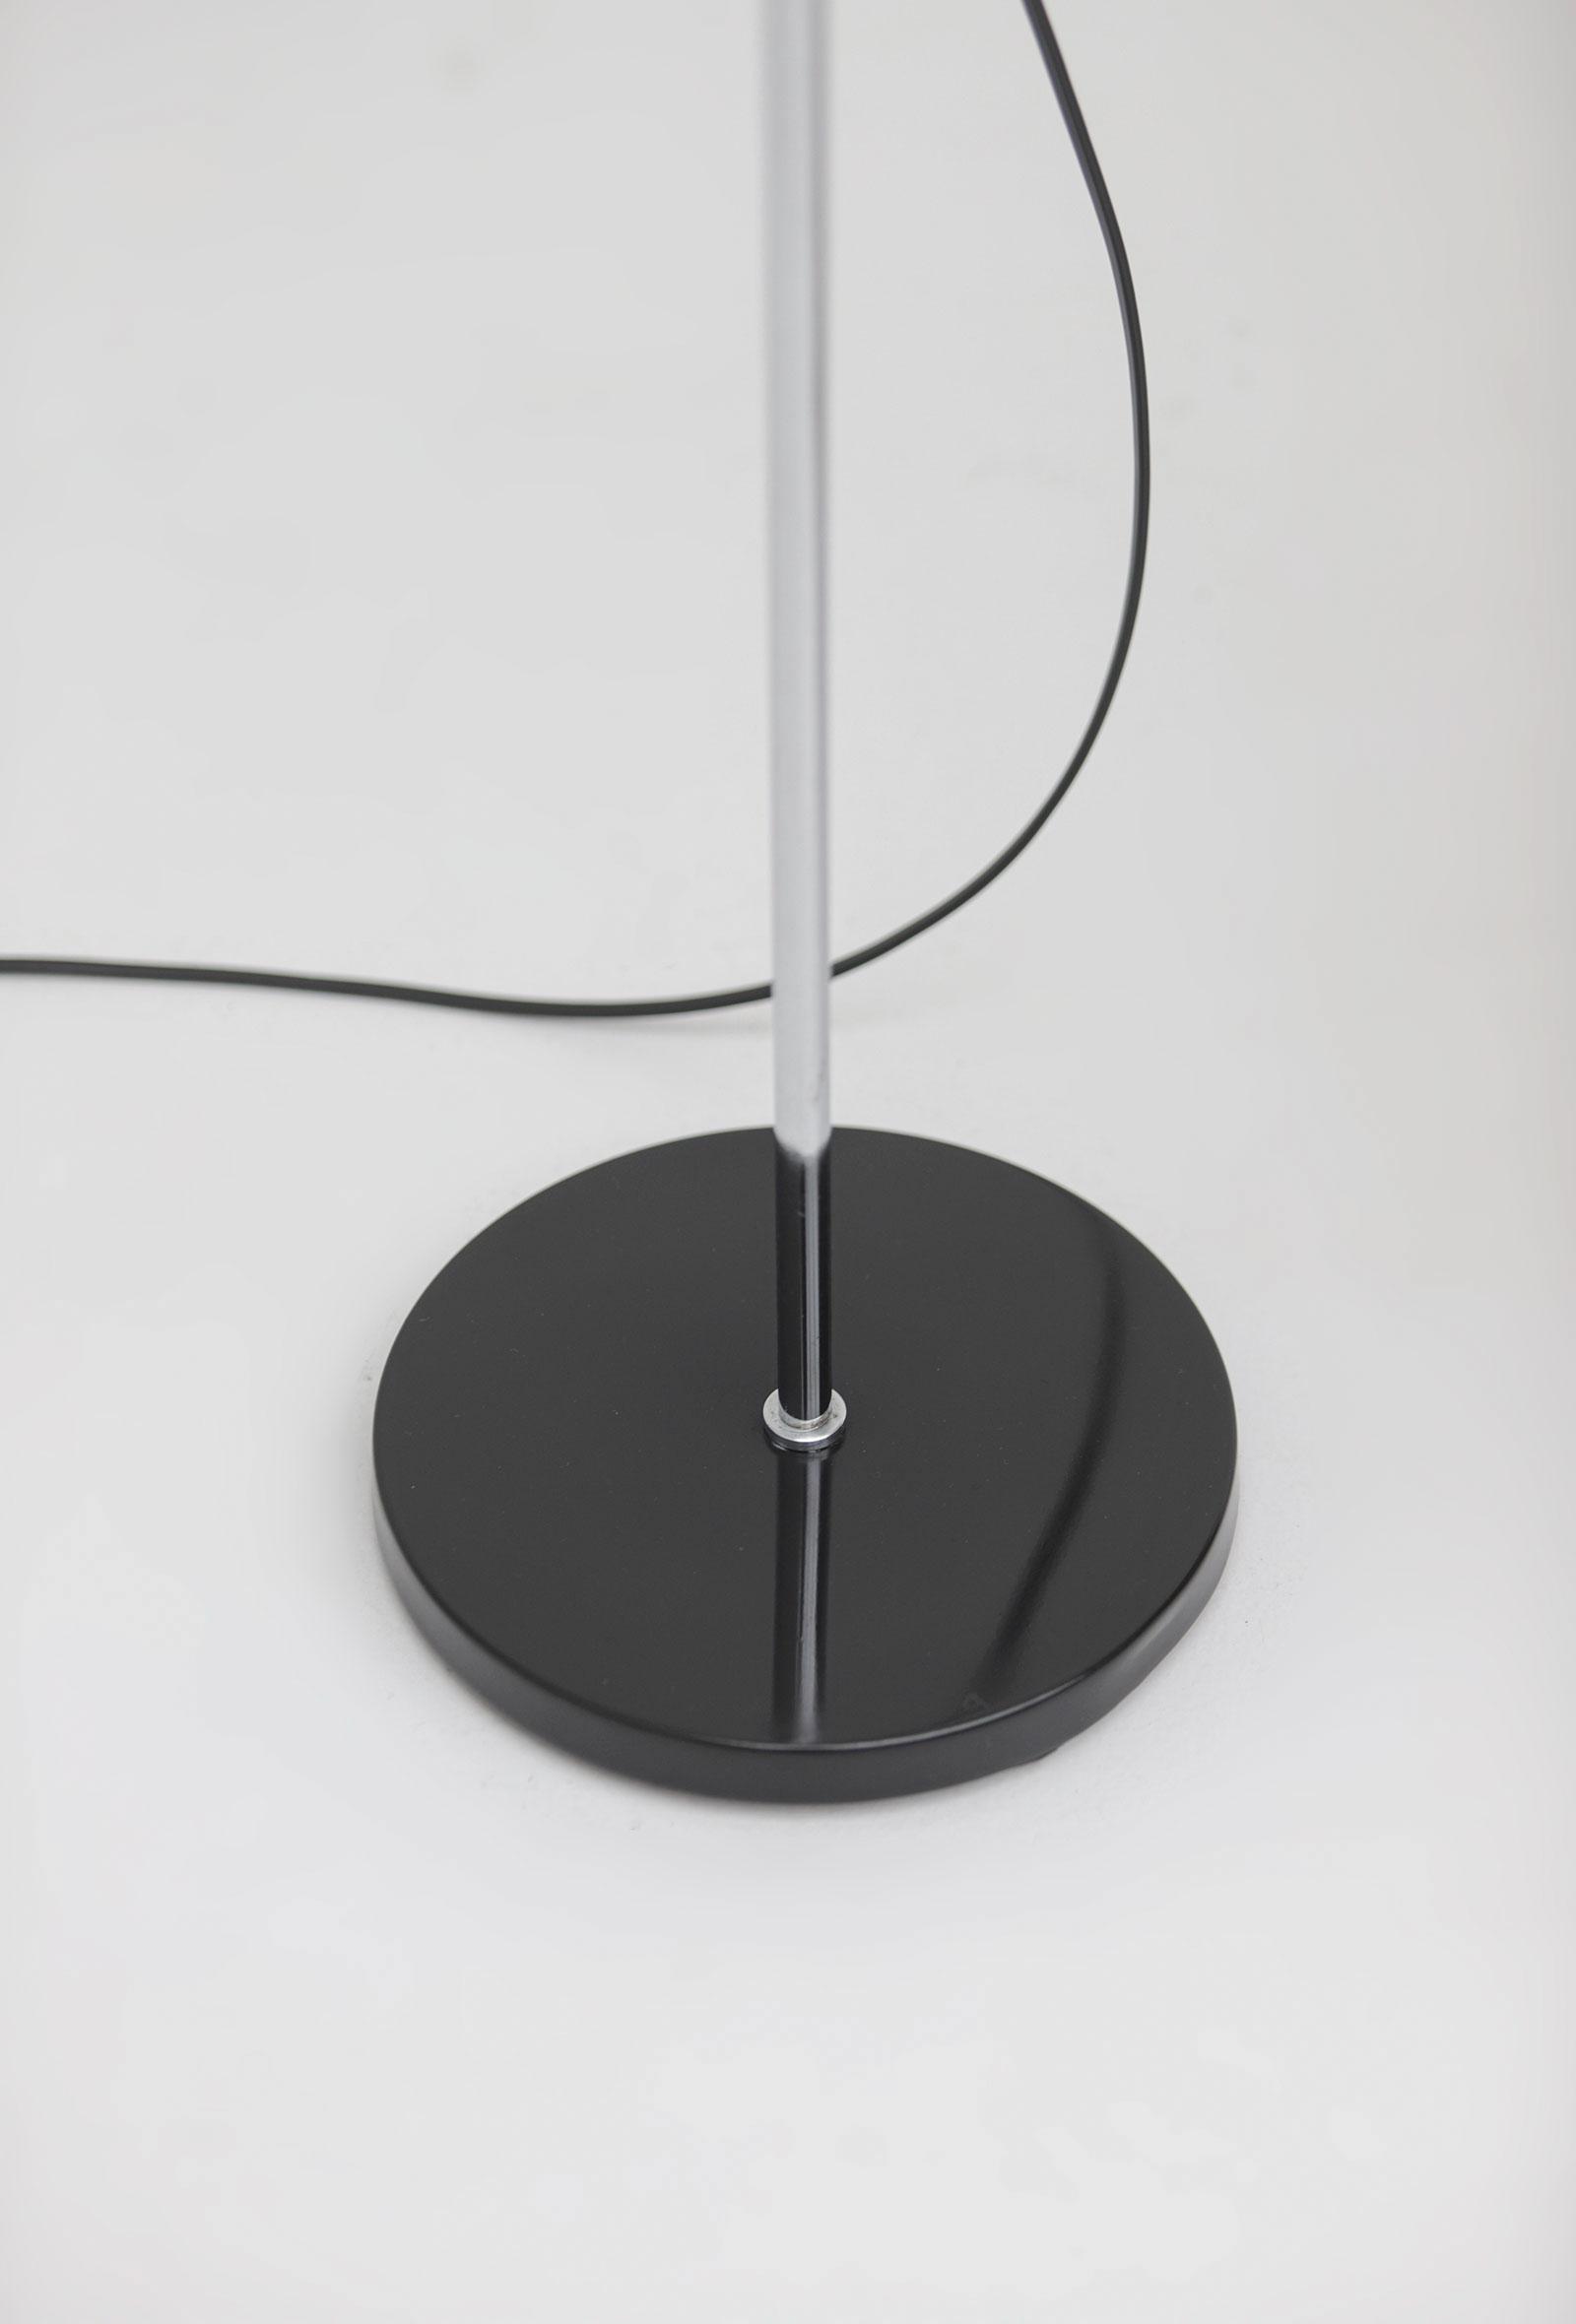 1950s Minimalist adjustable floor lampimage 5